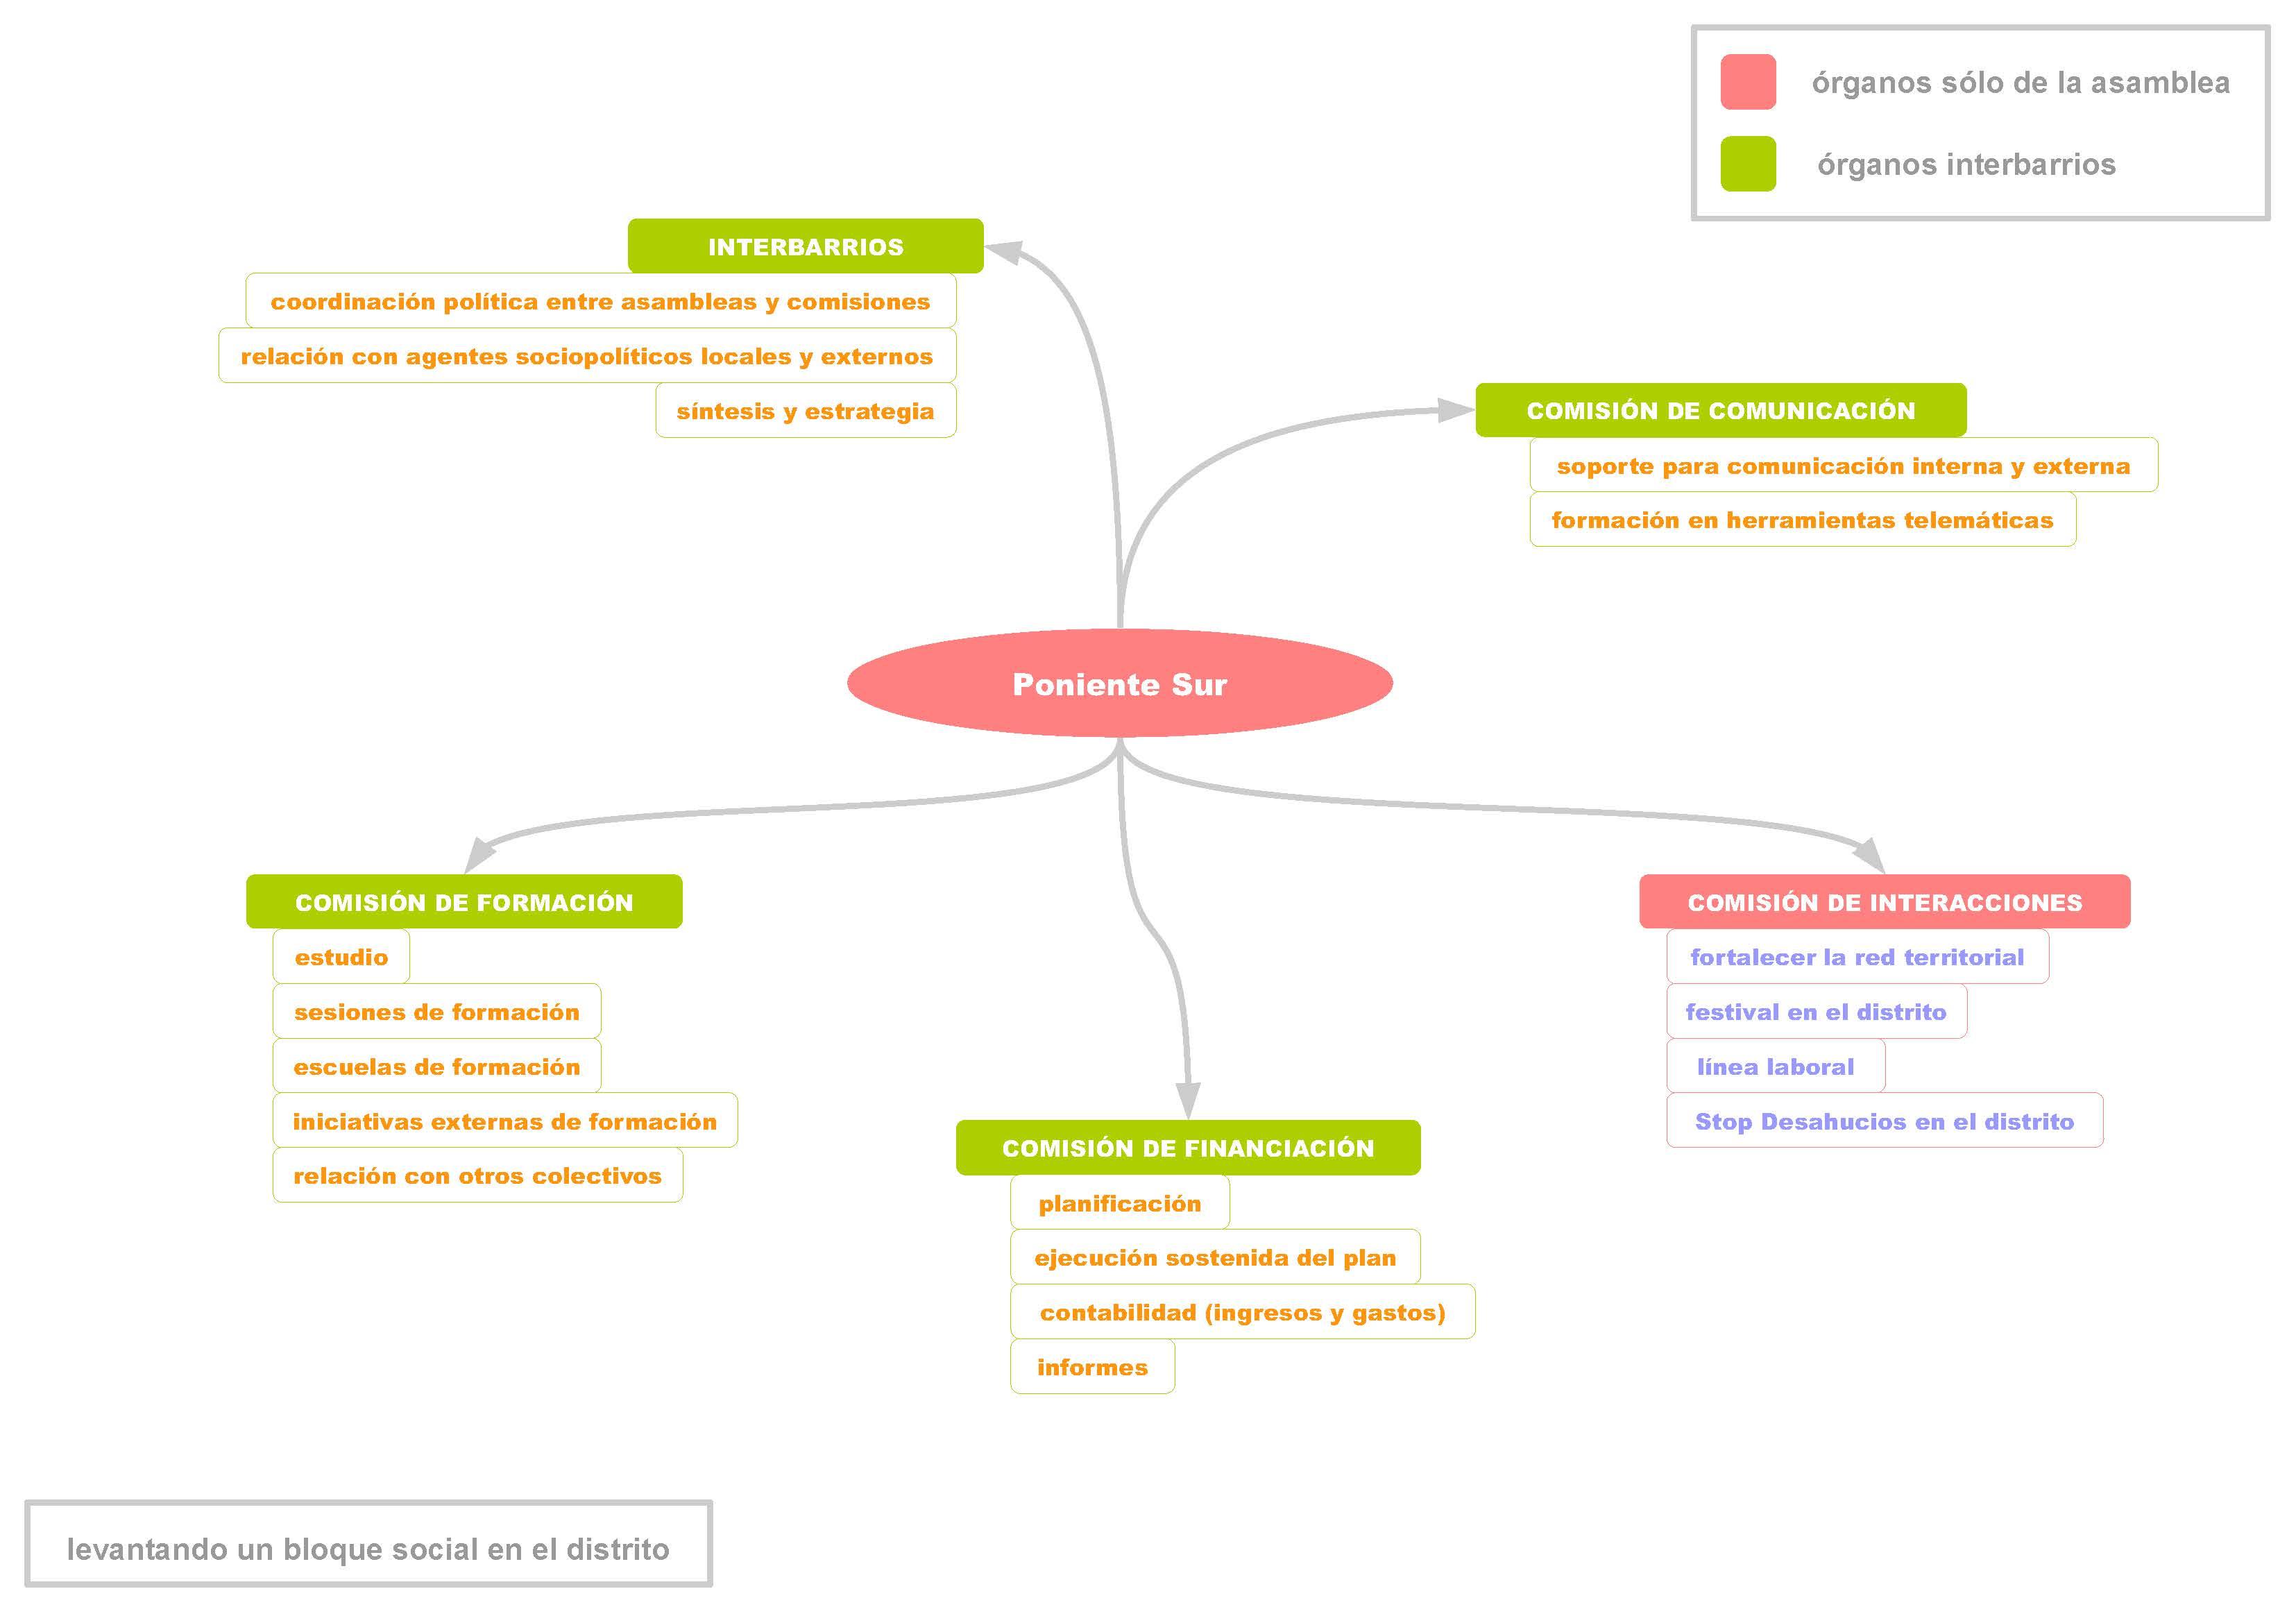 20130119 APS - Organigrama